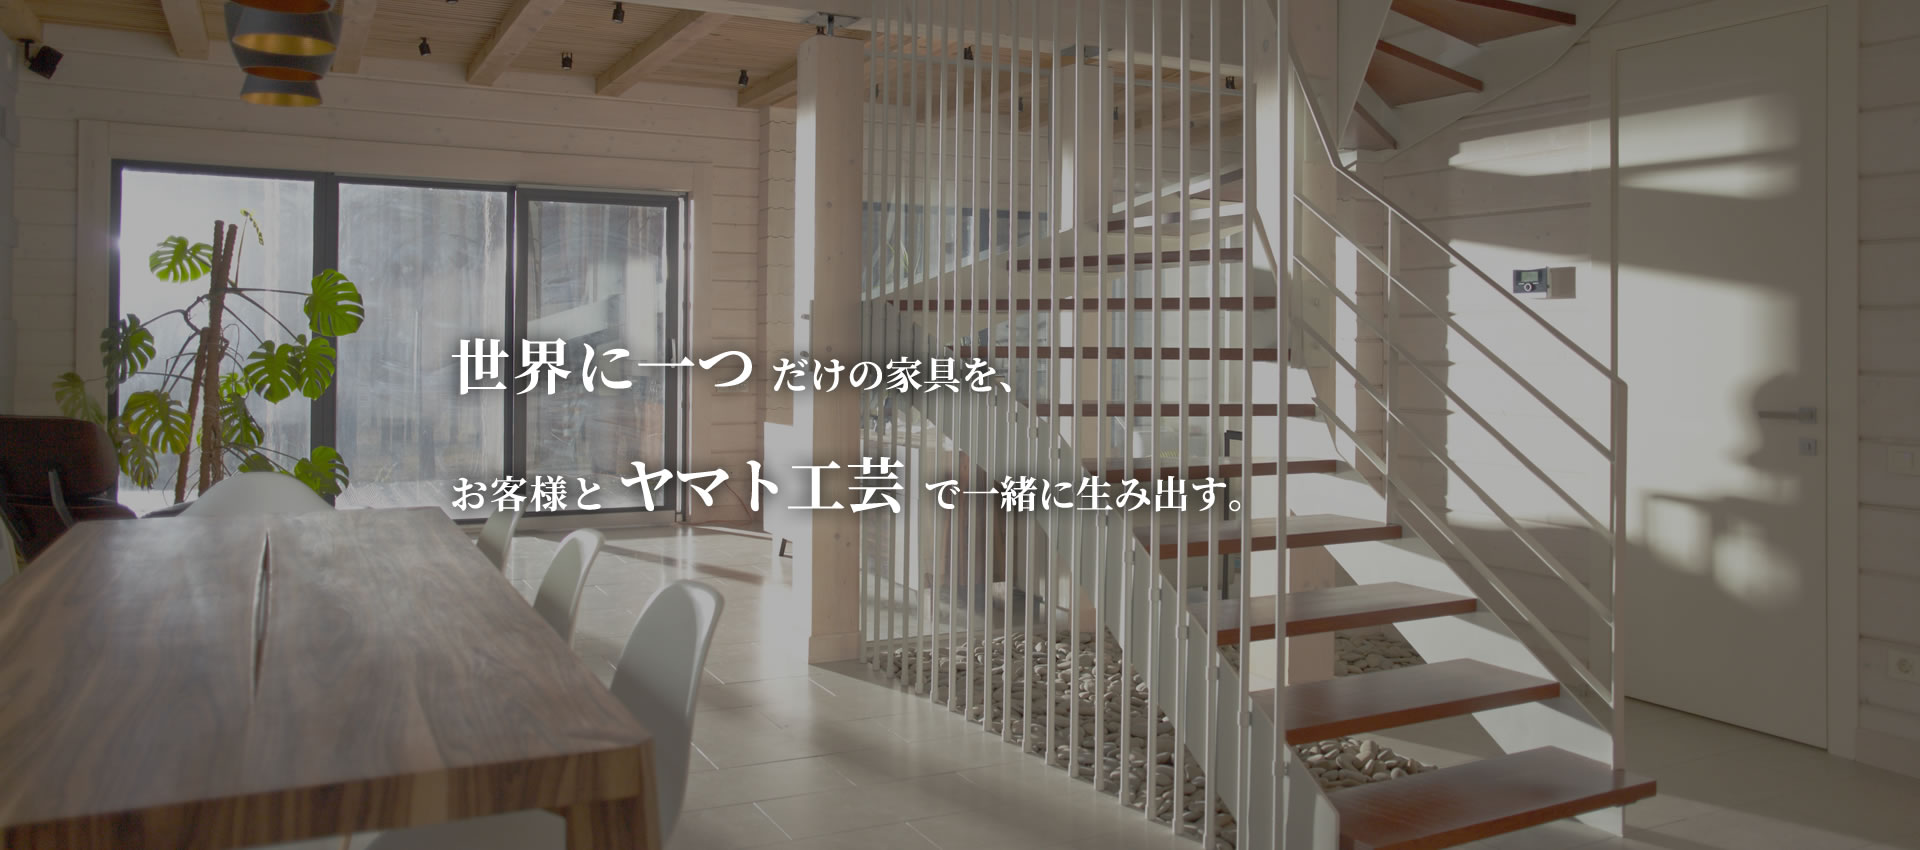 世界に一つだけの家具をお客様とヤマト工芸で一緒に生み出す